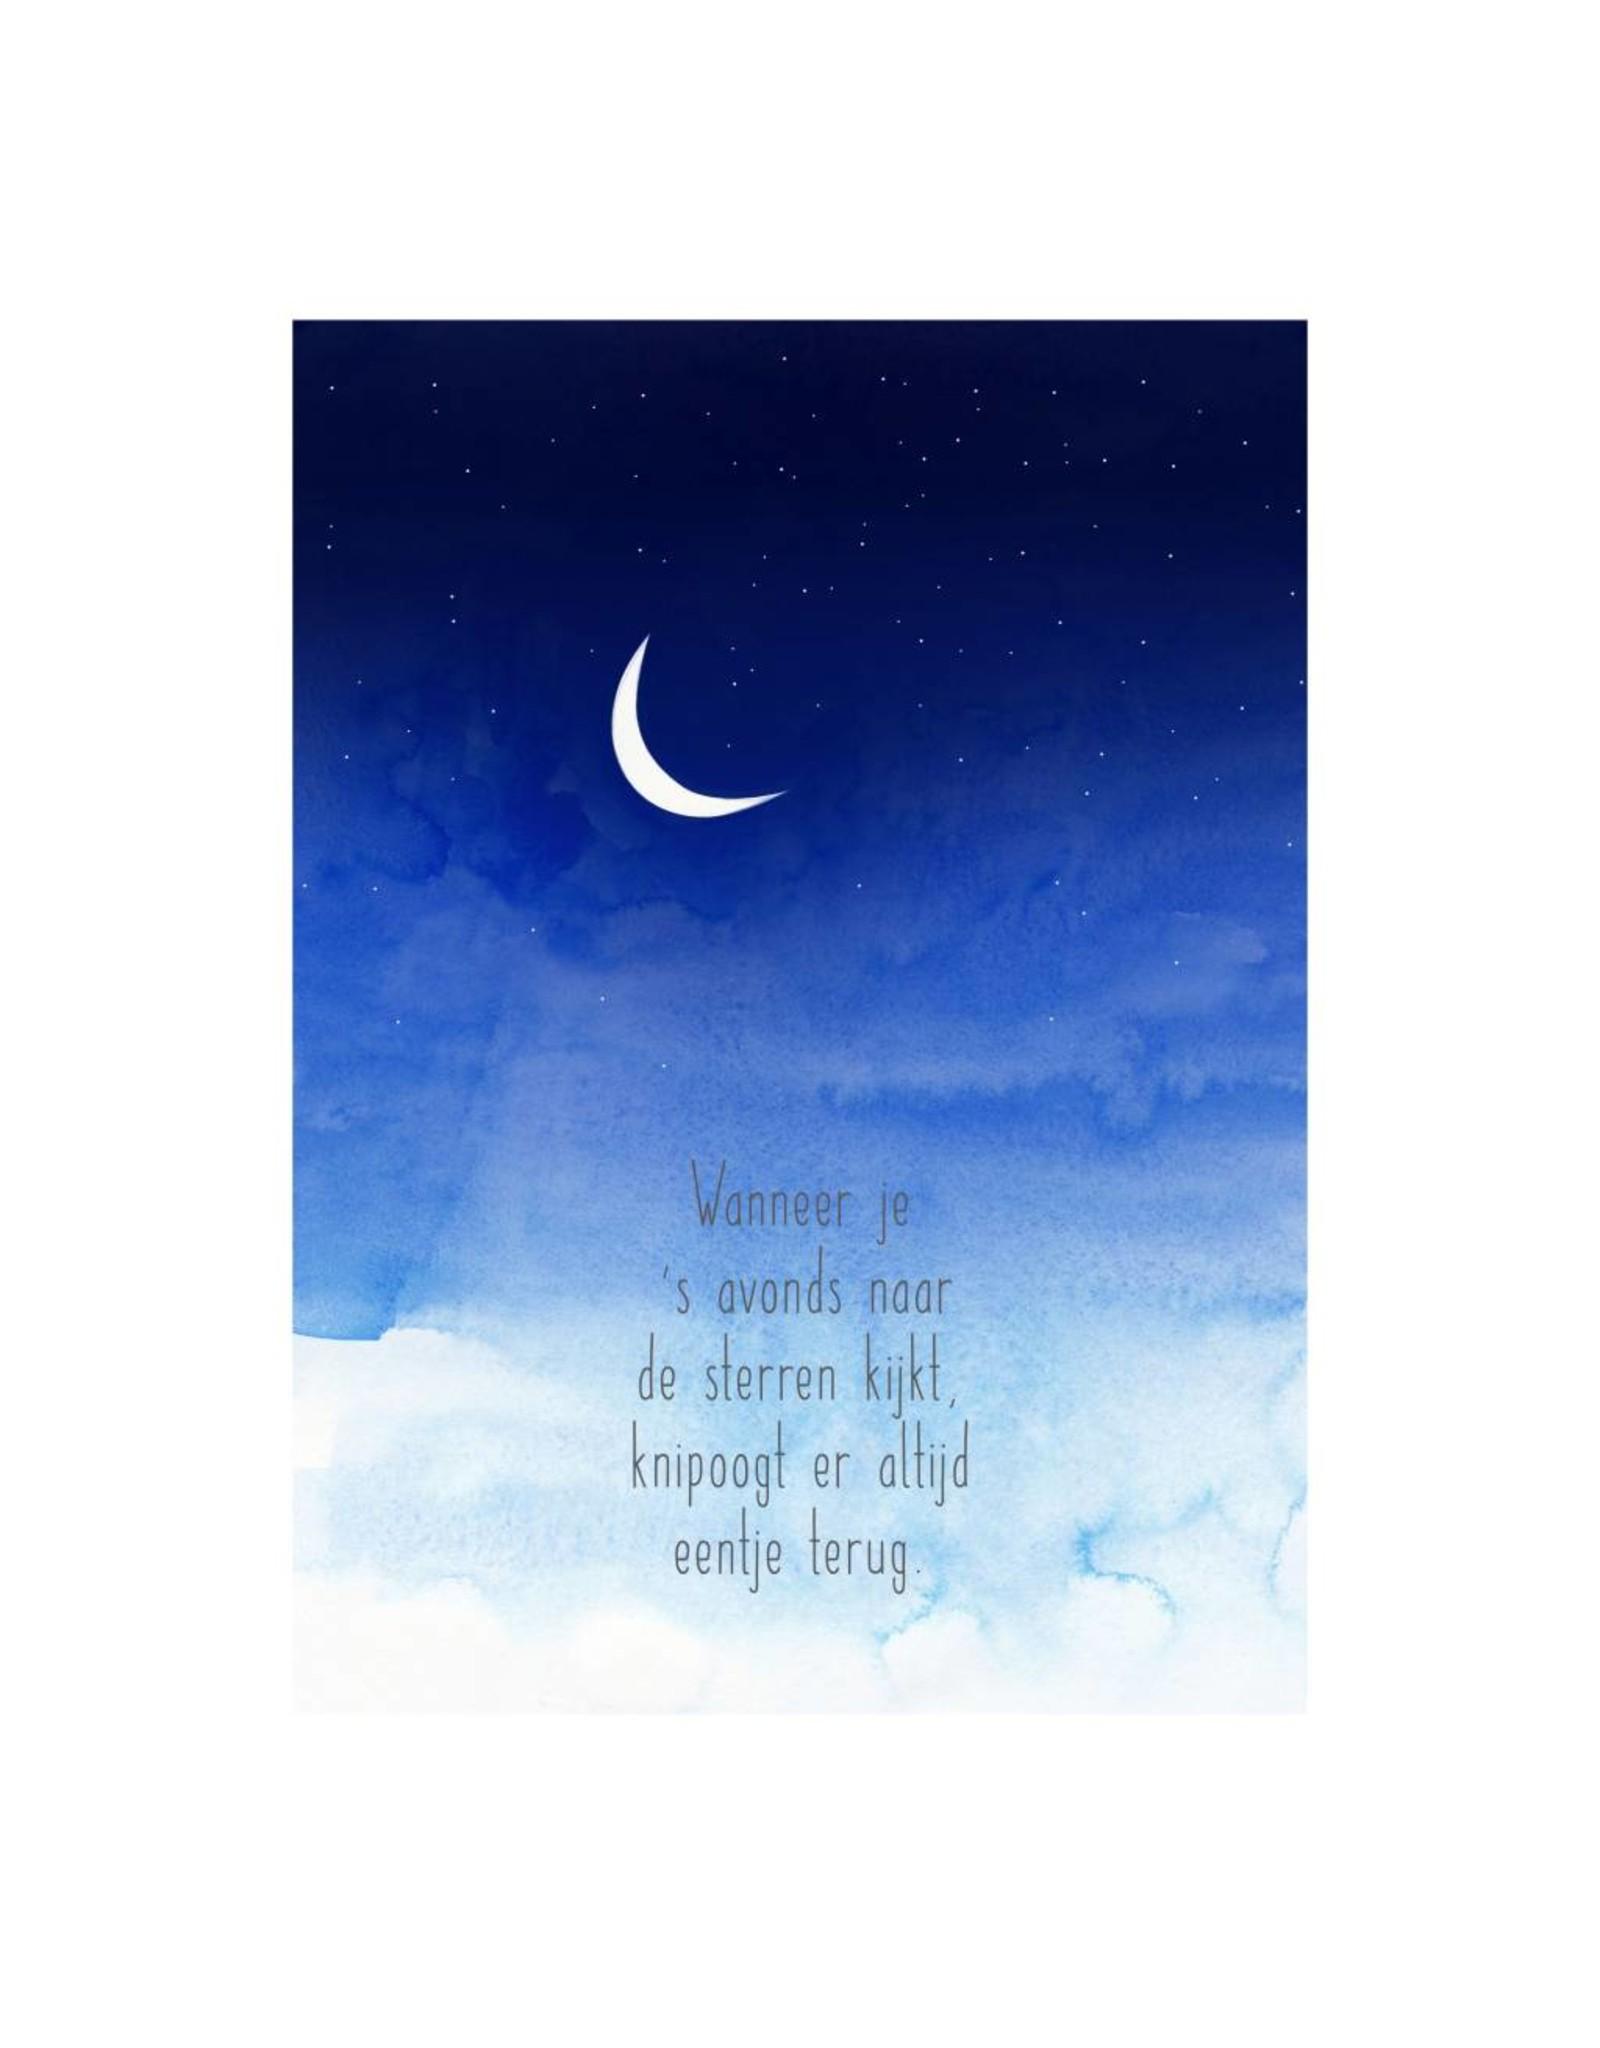 postkaart Wanneer je 's avonds naar de sterren kijkt